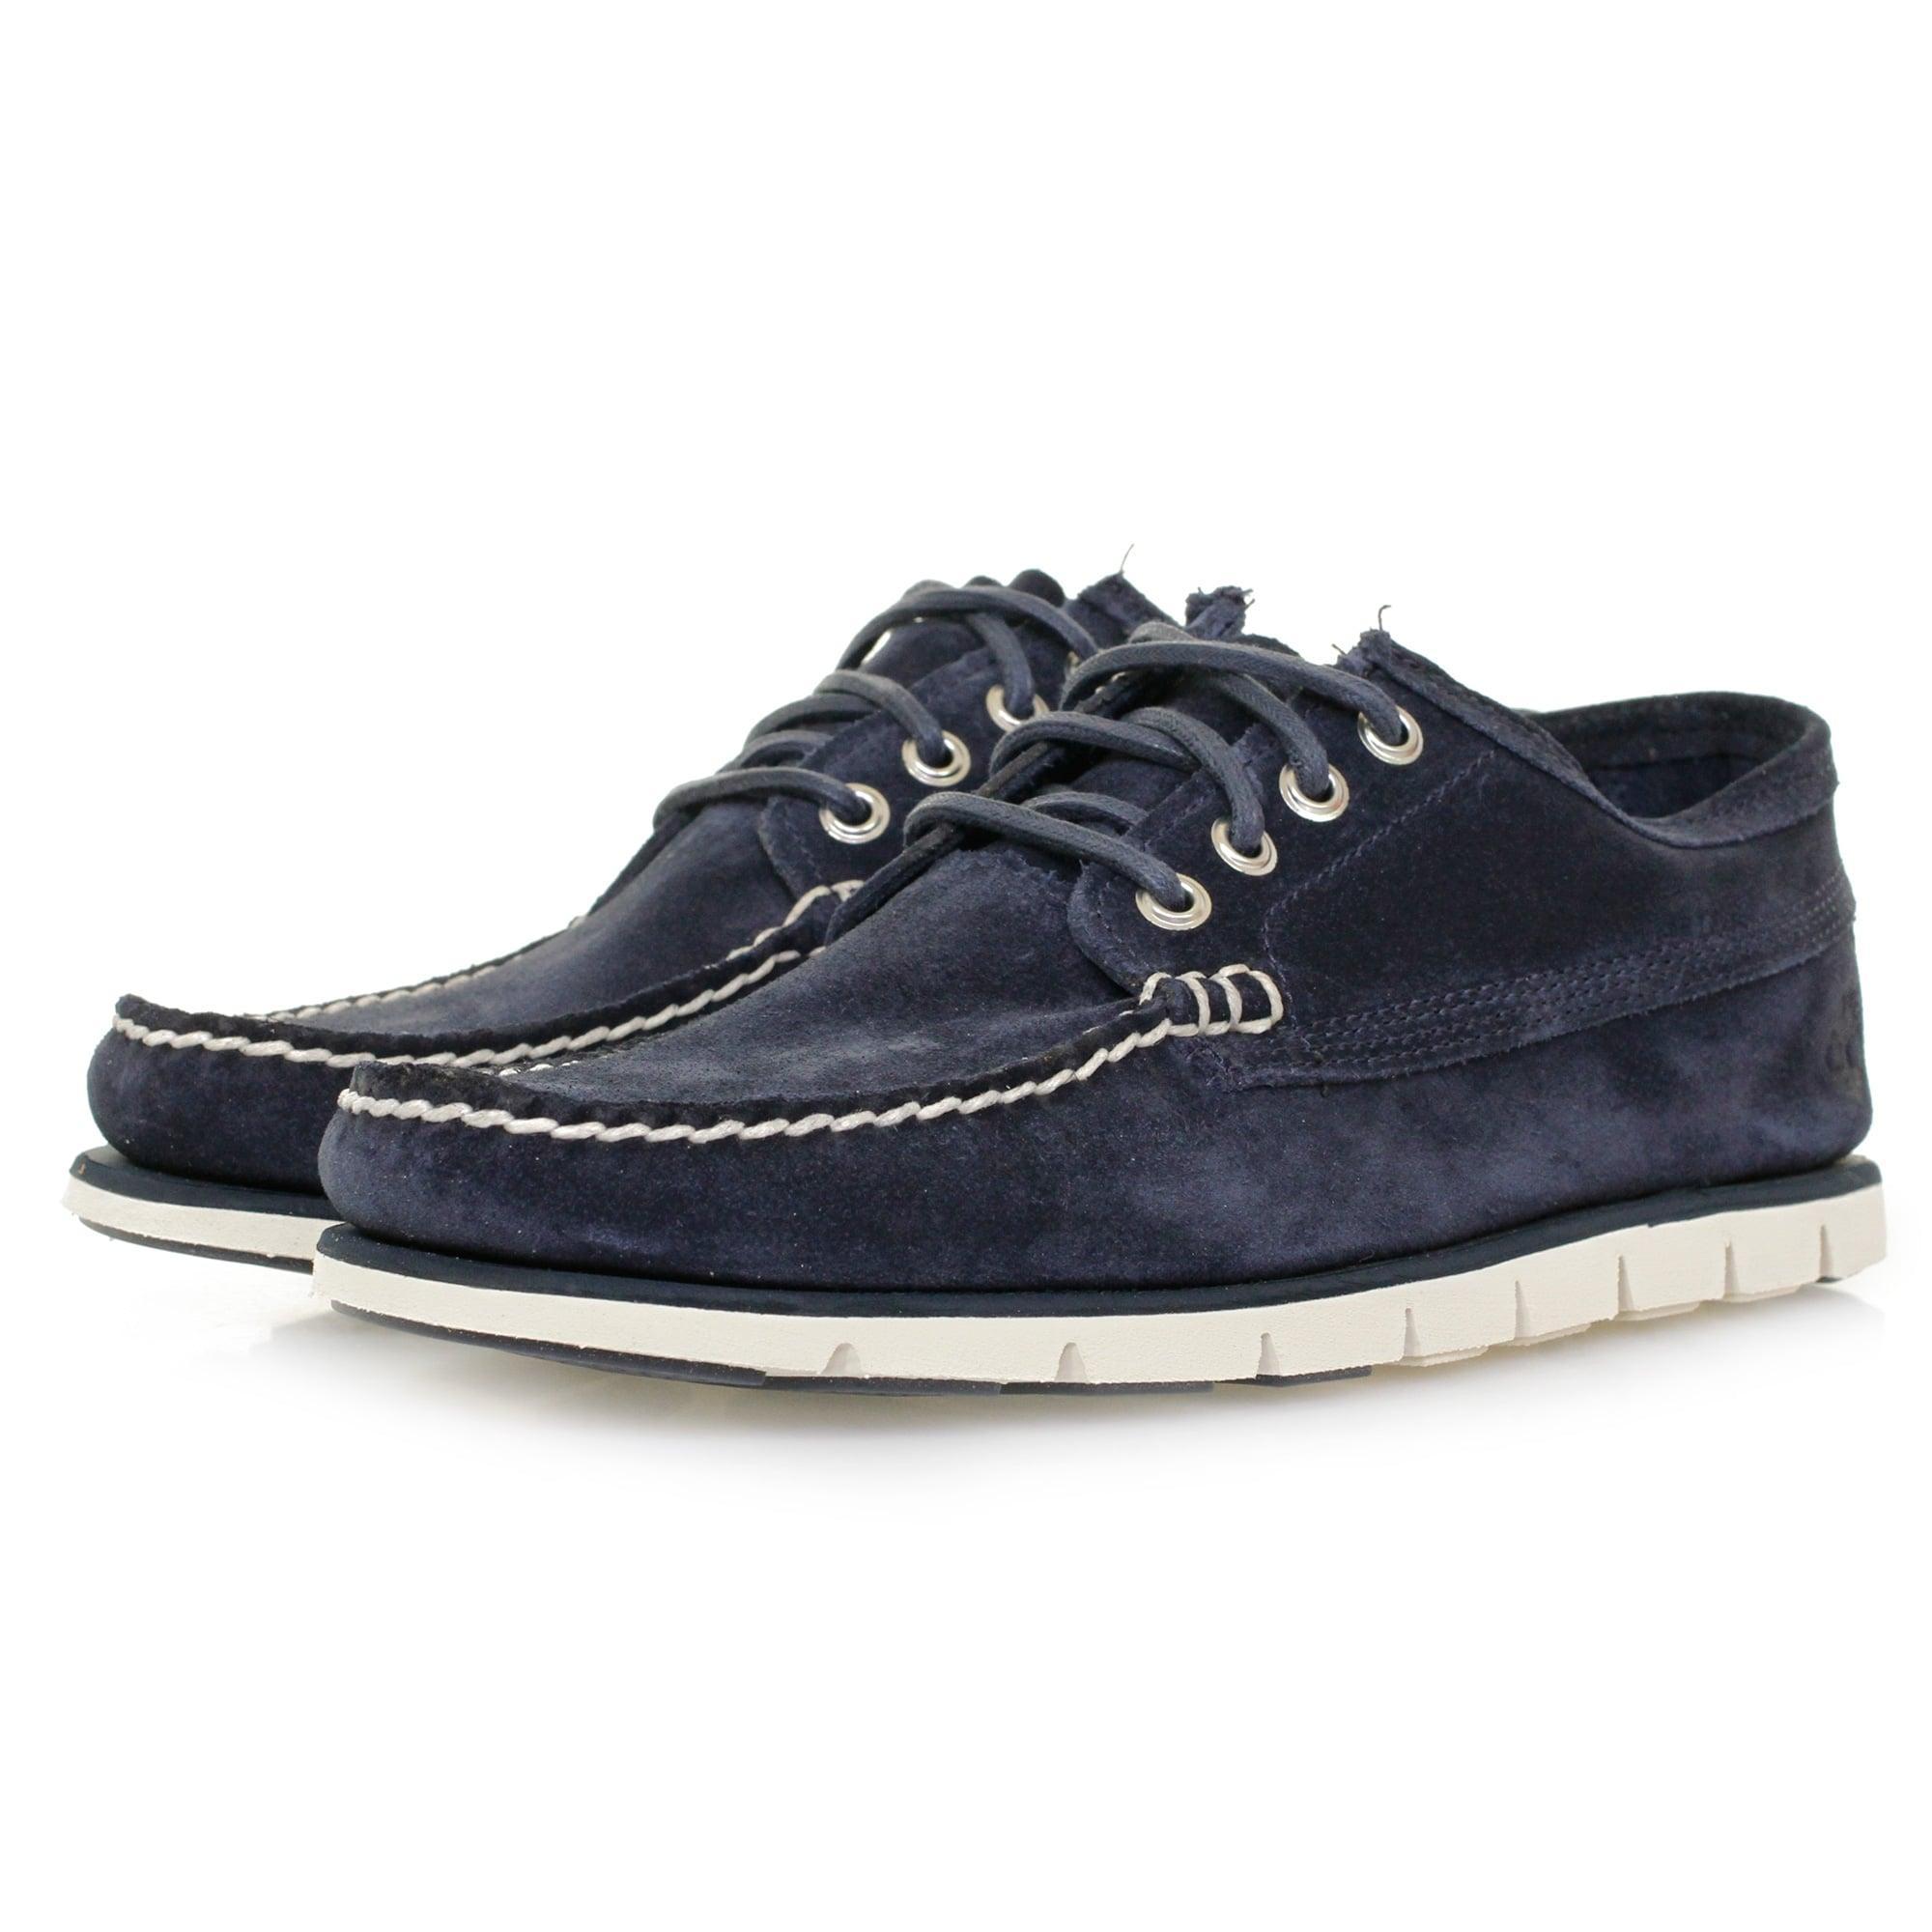 timberland tidelands ranger blue suede shoe a1h9h in blue